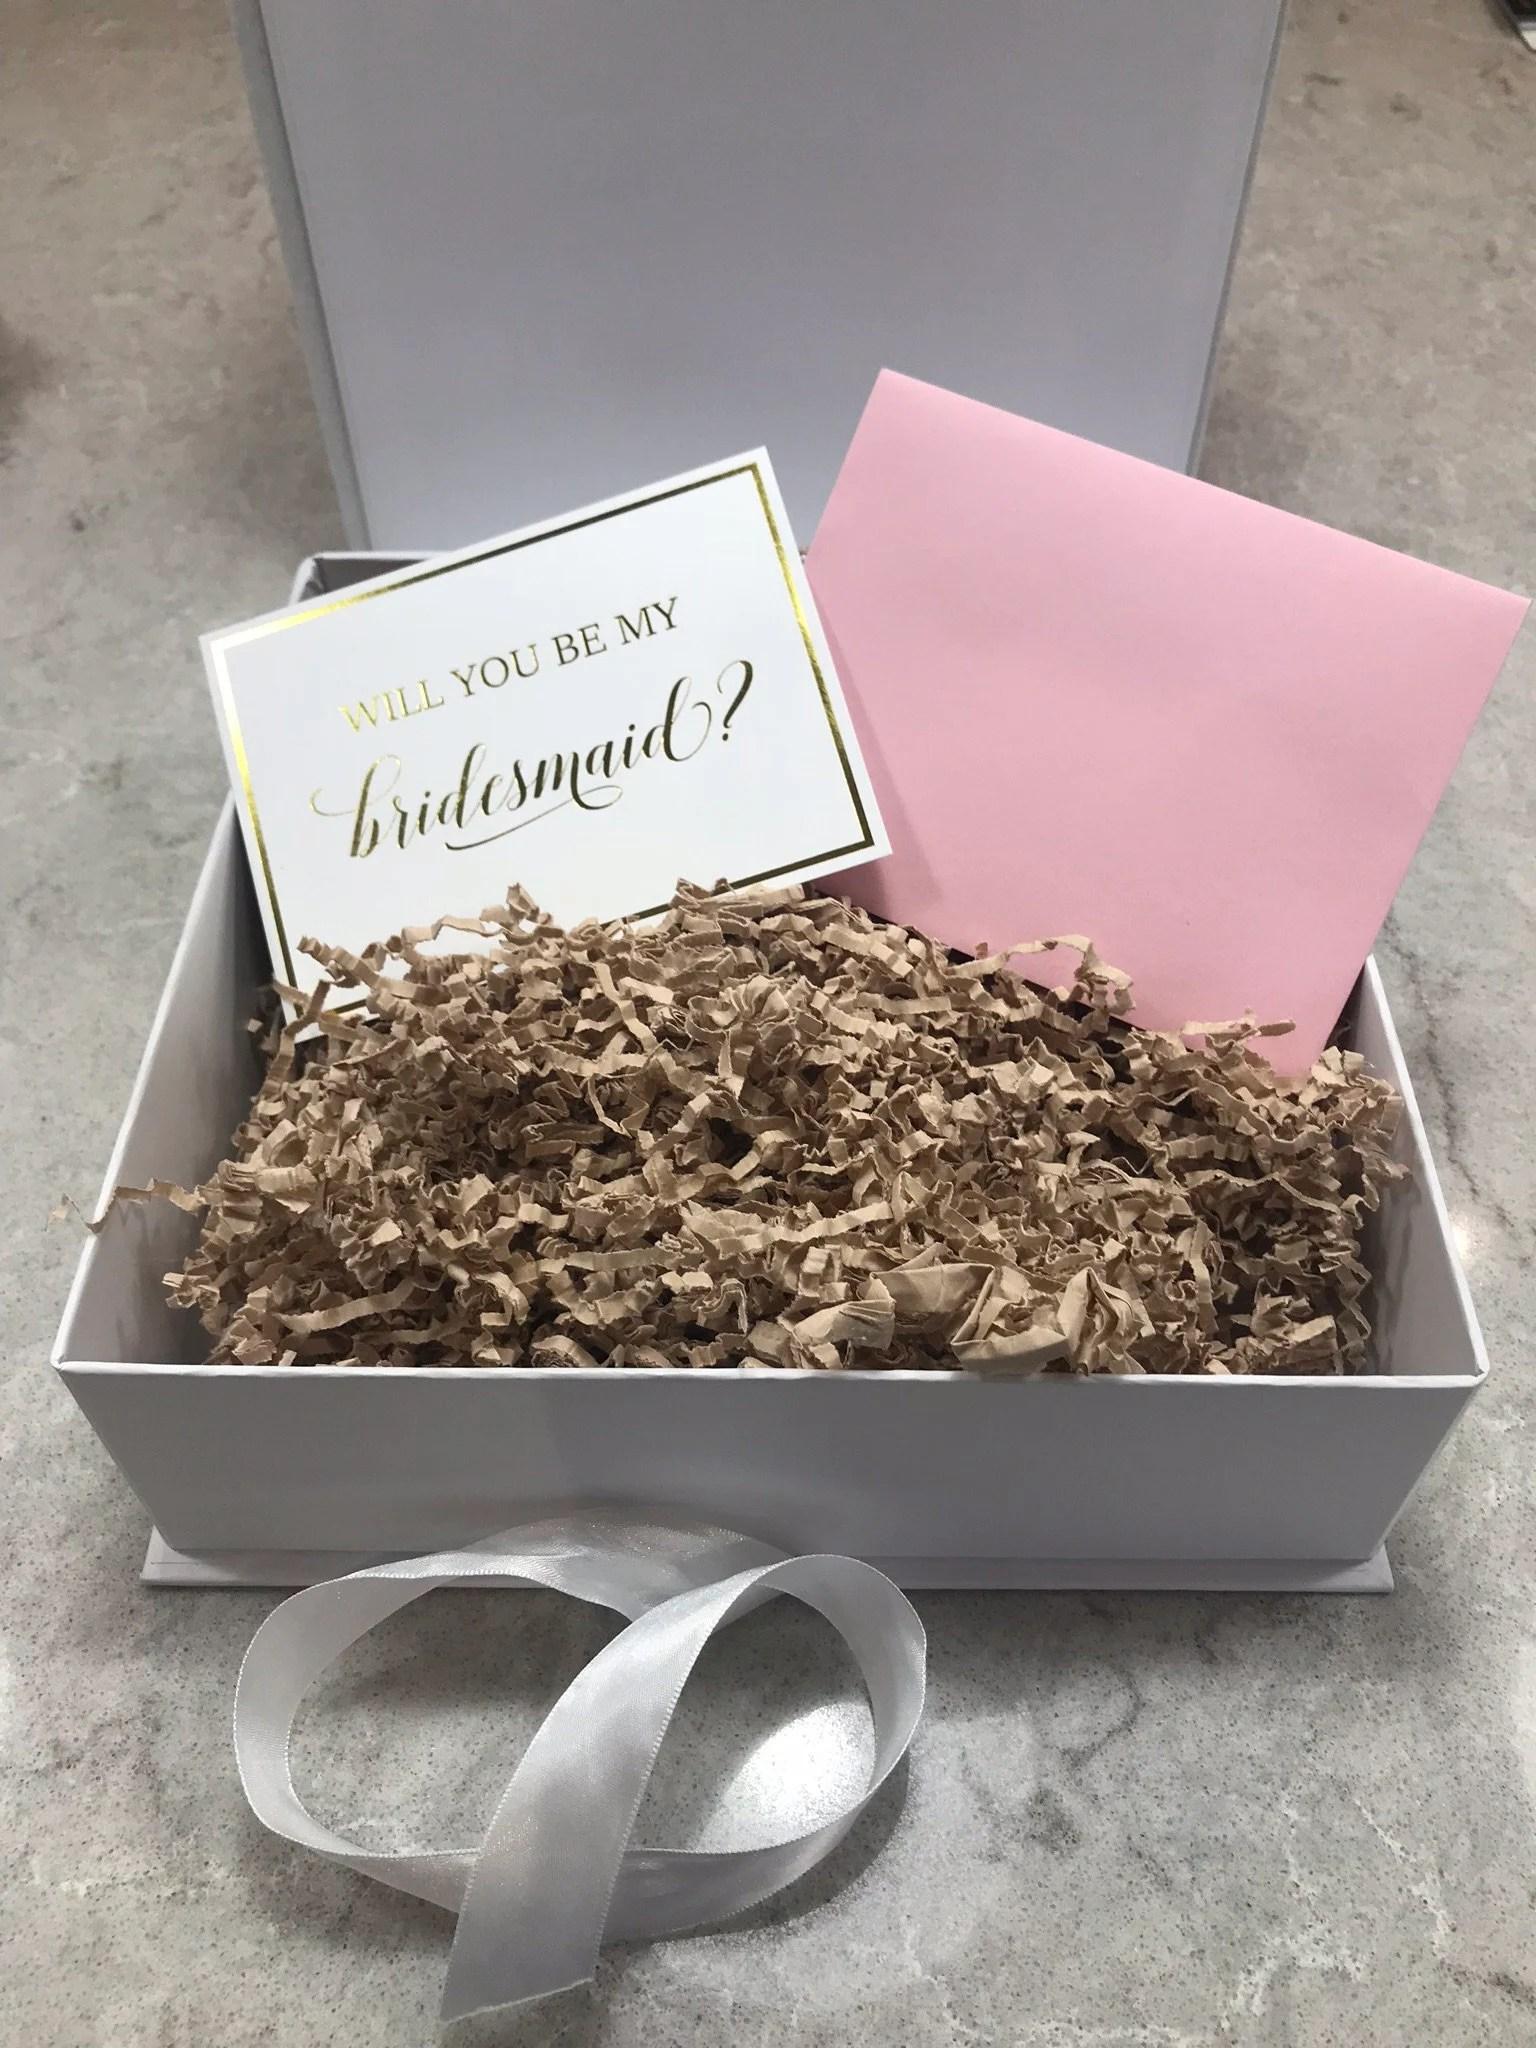 Bridesmaid Proposal Card Will You Be my Bridesmaid Bridal image 2